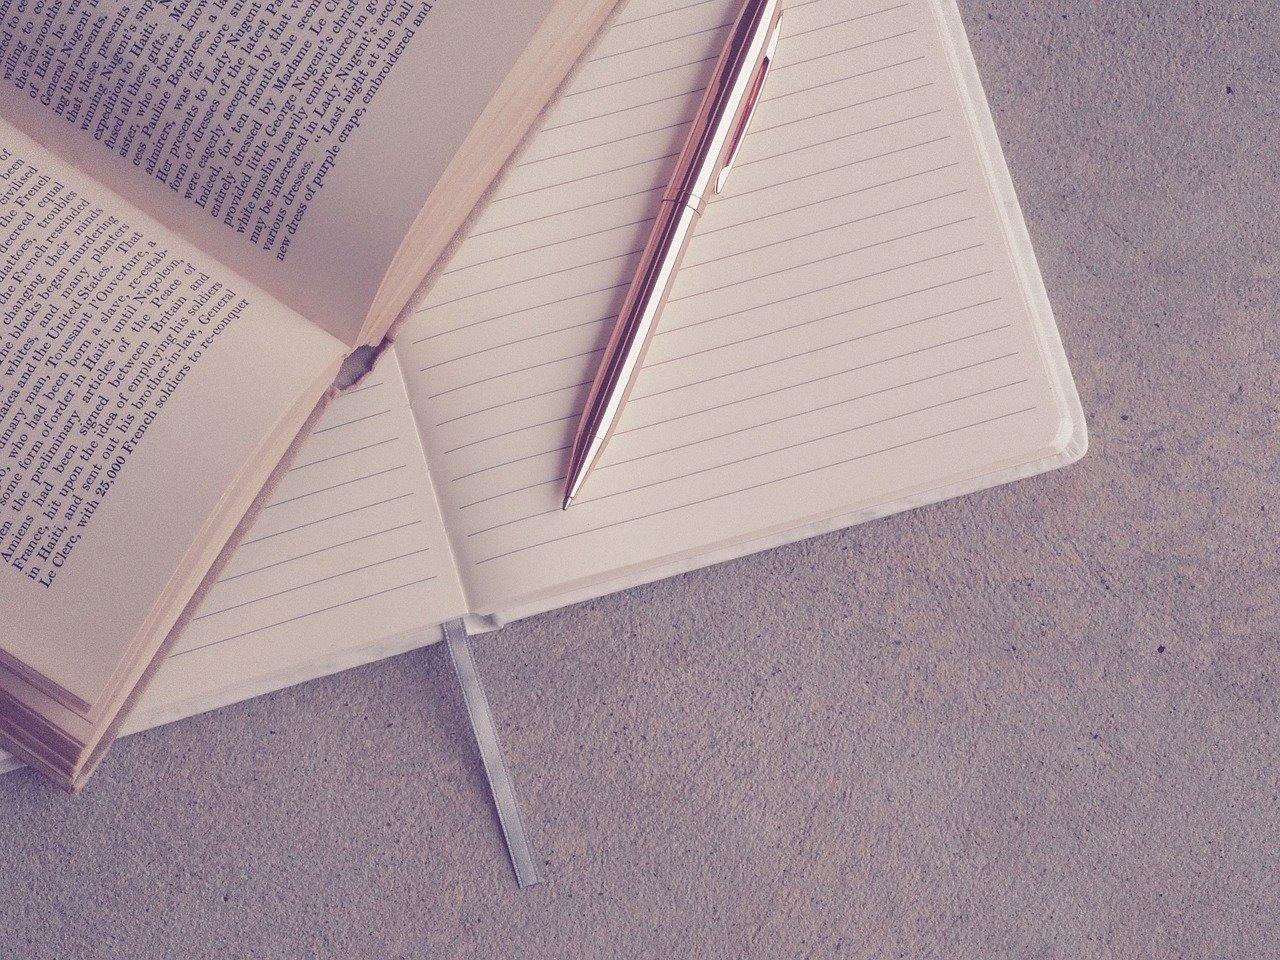 しおり、本のページ